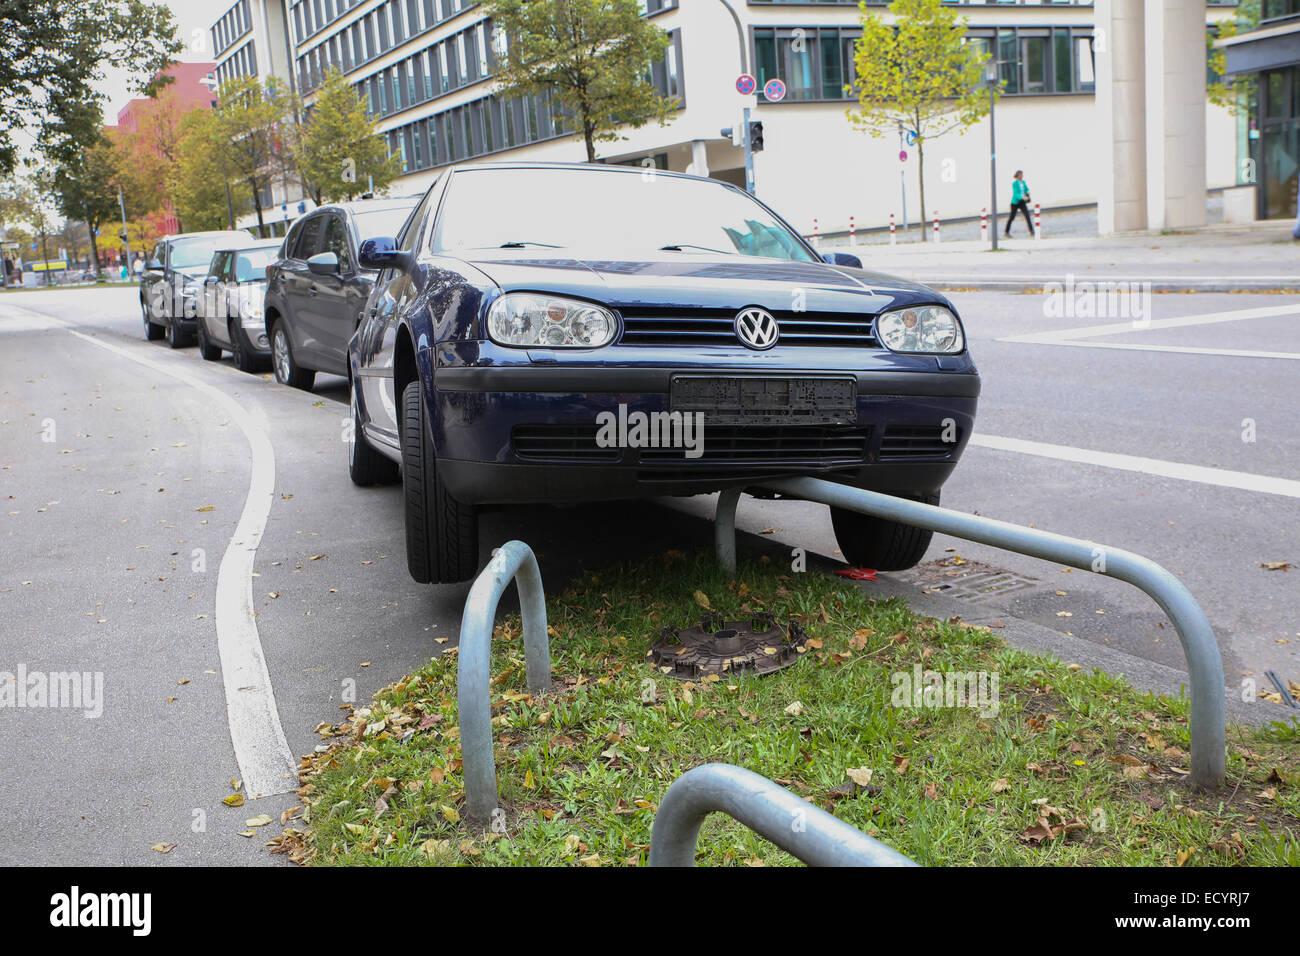 Parking voiture dr le banque d 39 images photo stock - Image voiture drole ...